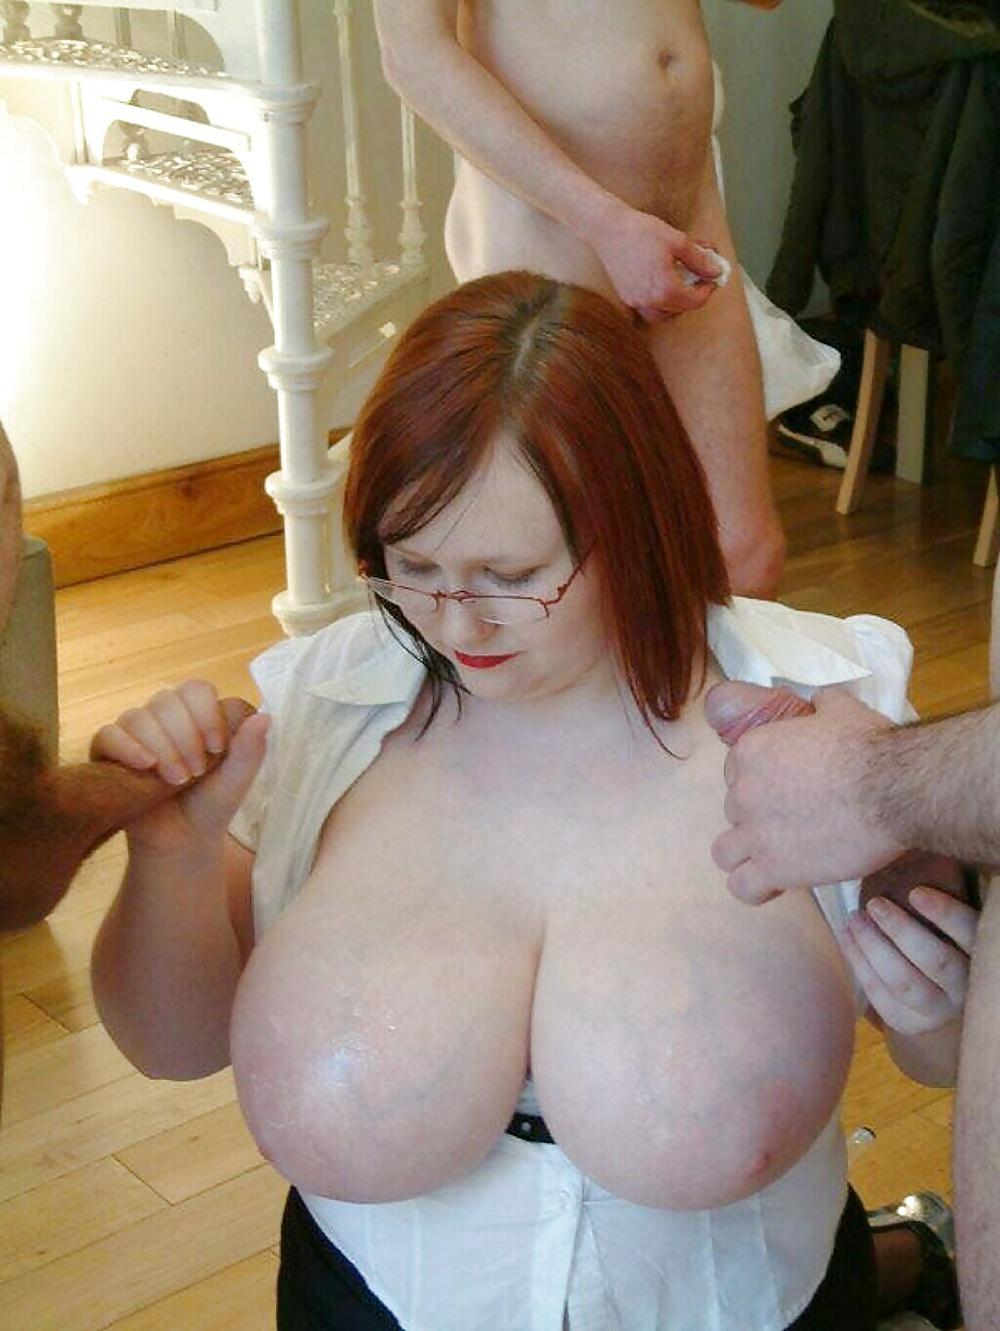 Reife Milf mit große Brüsten kostenlos molige frauen nackt - Bild 3